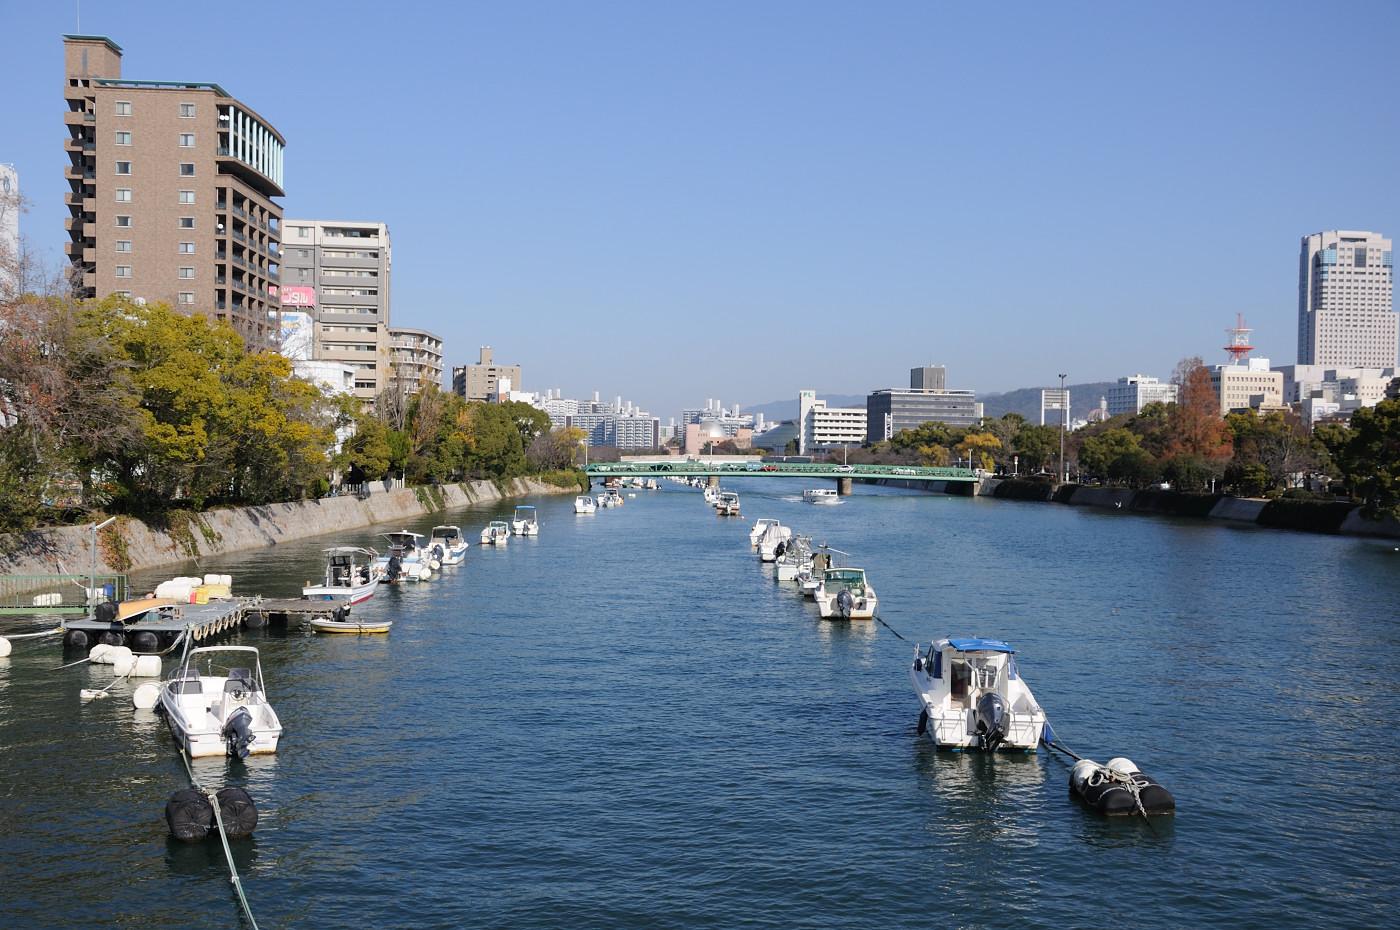 川にずらりと並ぶ船です